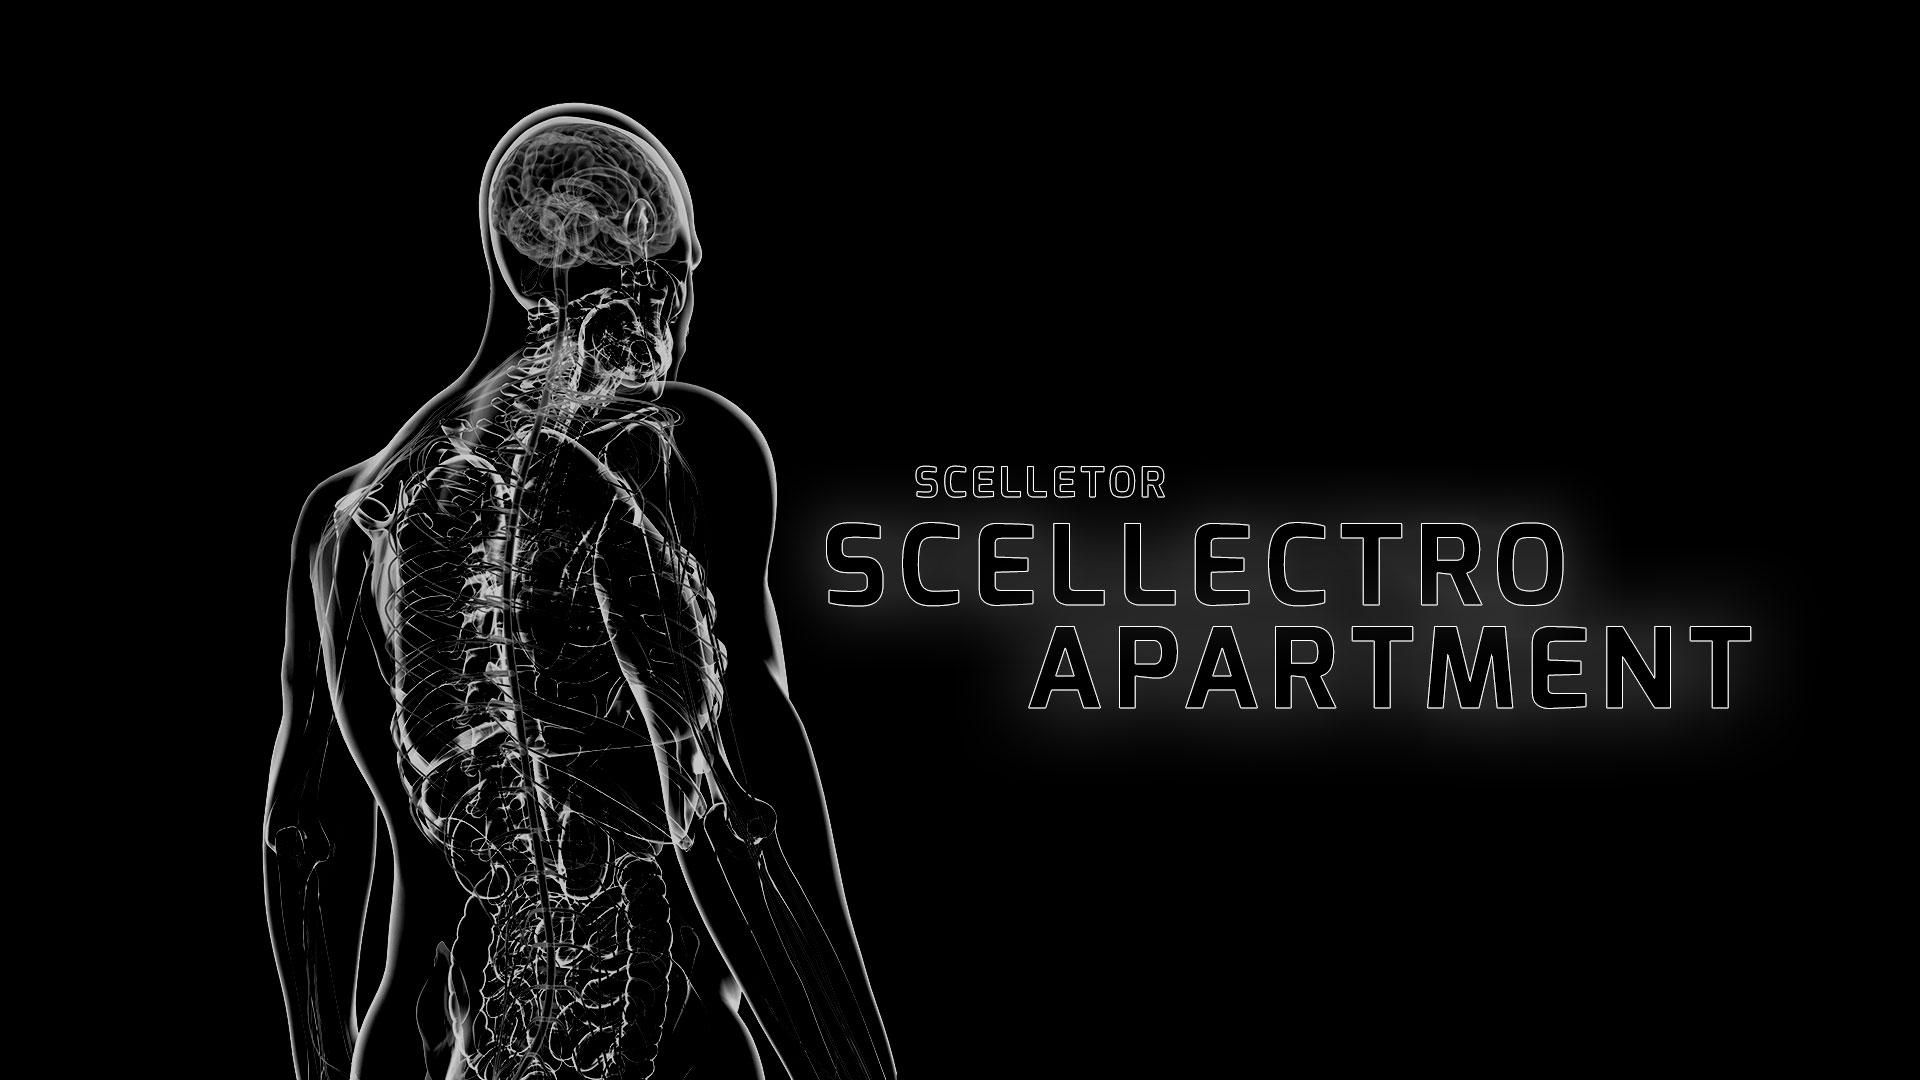 SCELLECTRO APARTMENT mit SCELLETOR